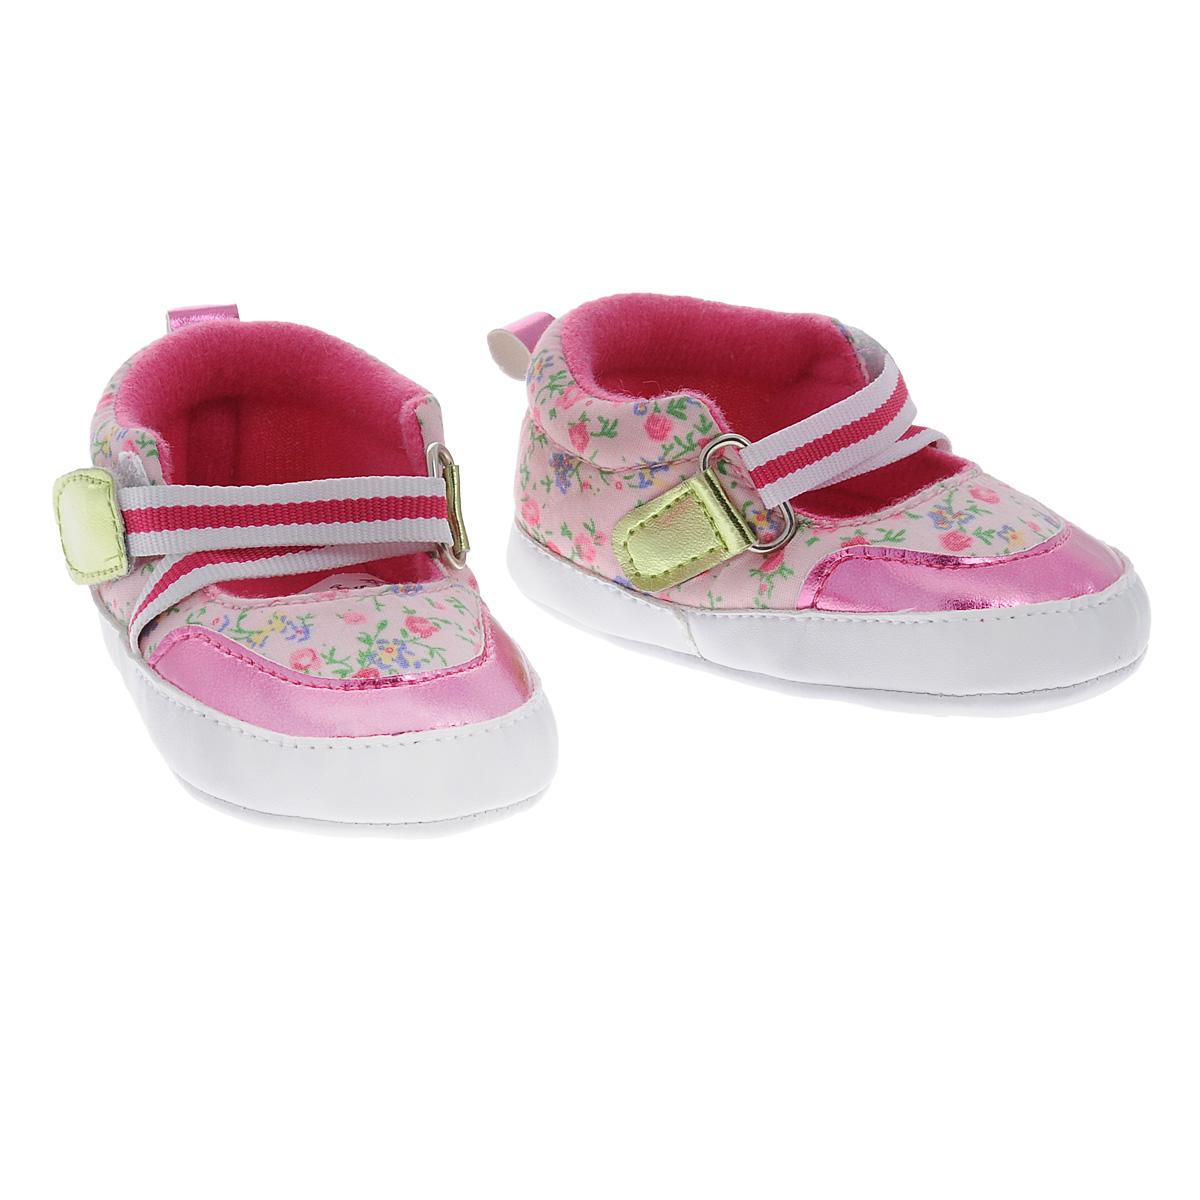 11205Оригинальные детские пинетки для девочки Luvable Friends Фанни, стилизованные под туфельки - это легкая и удобная обувь для малышей. Удобная эластичная застежка на липучке, надежно фиксирующая пинетки на ножке малышки, мягкие, не сдавливающие ножку материалы делают модель практичной и популярной. Стопа оформлена прорезиненным рельефным рисунком, благодаря которому ребенок не будет скользить. Такие пинетки - отличное решение для малышей и их родителей!